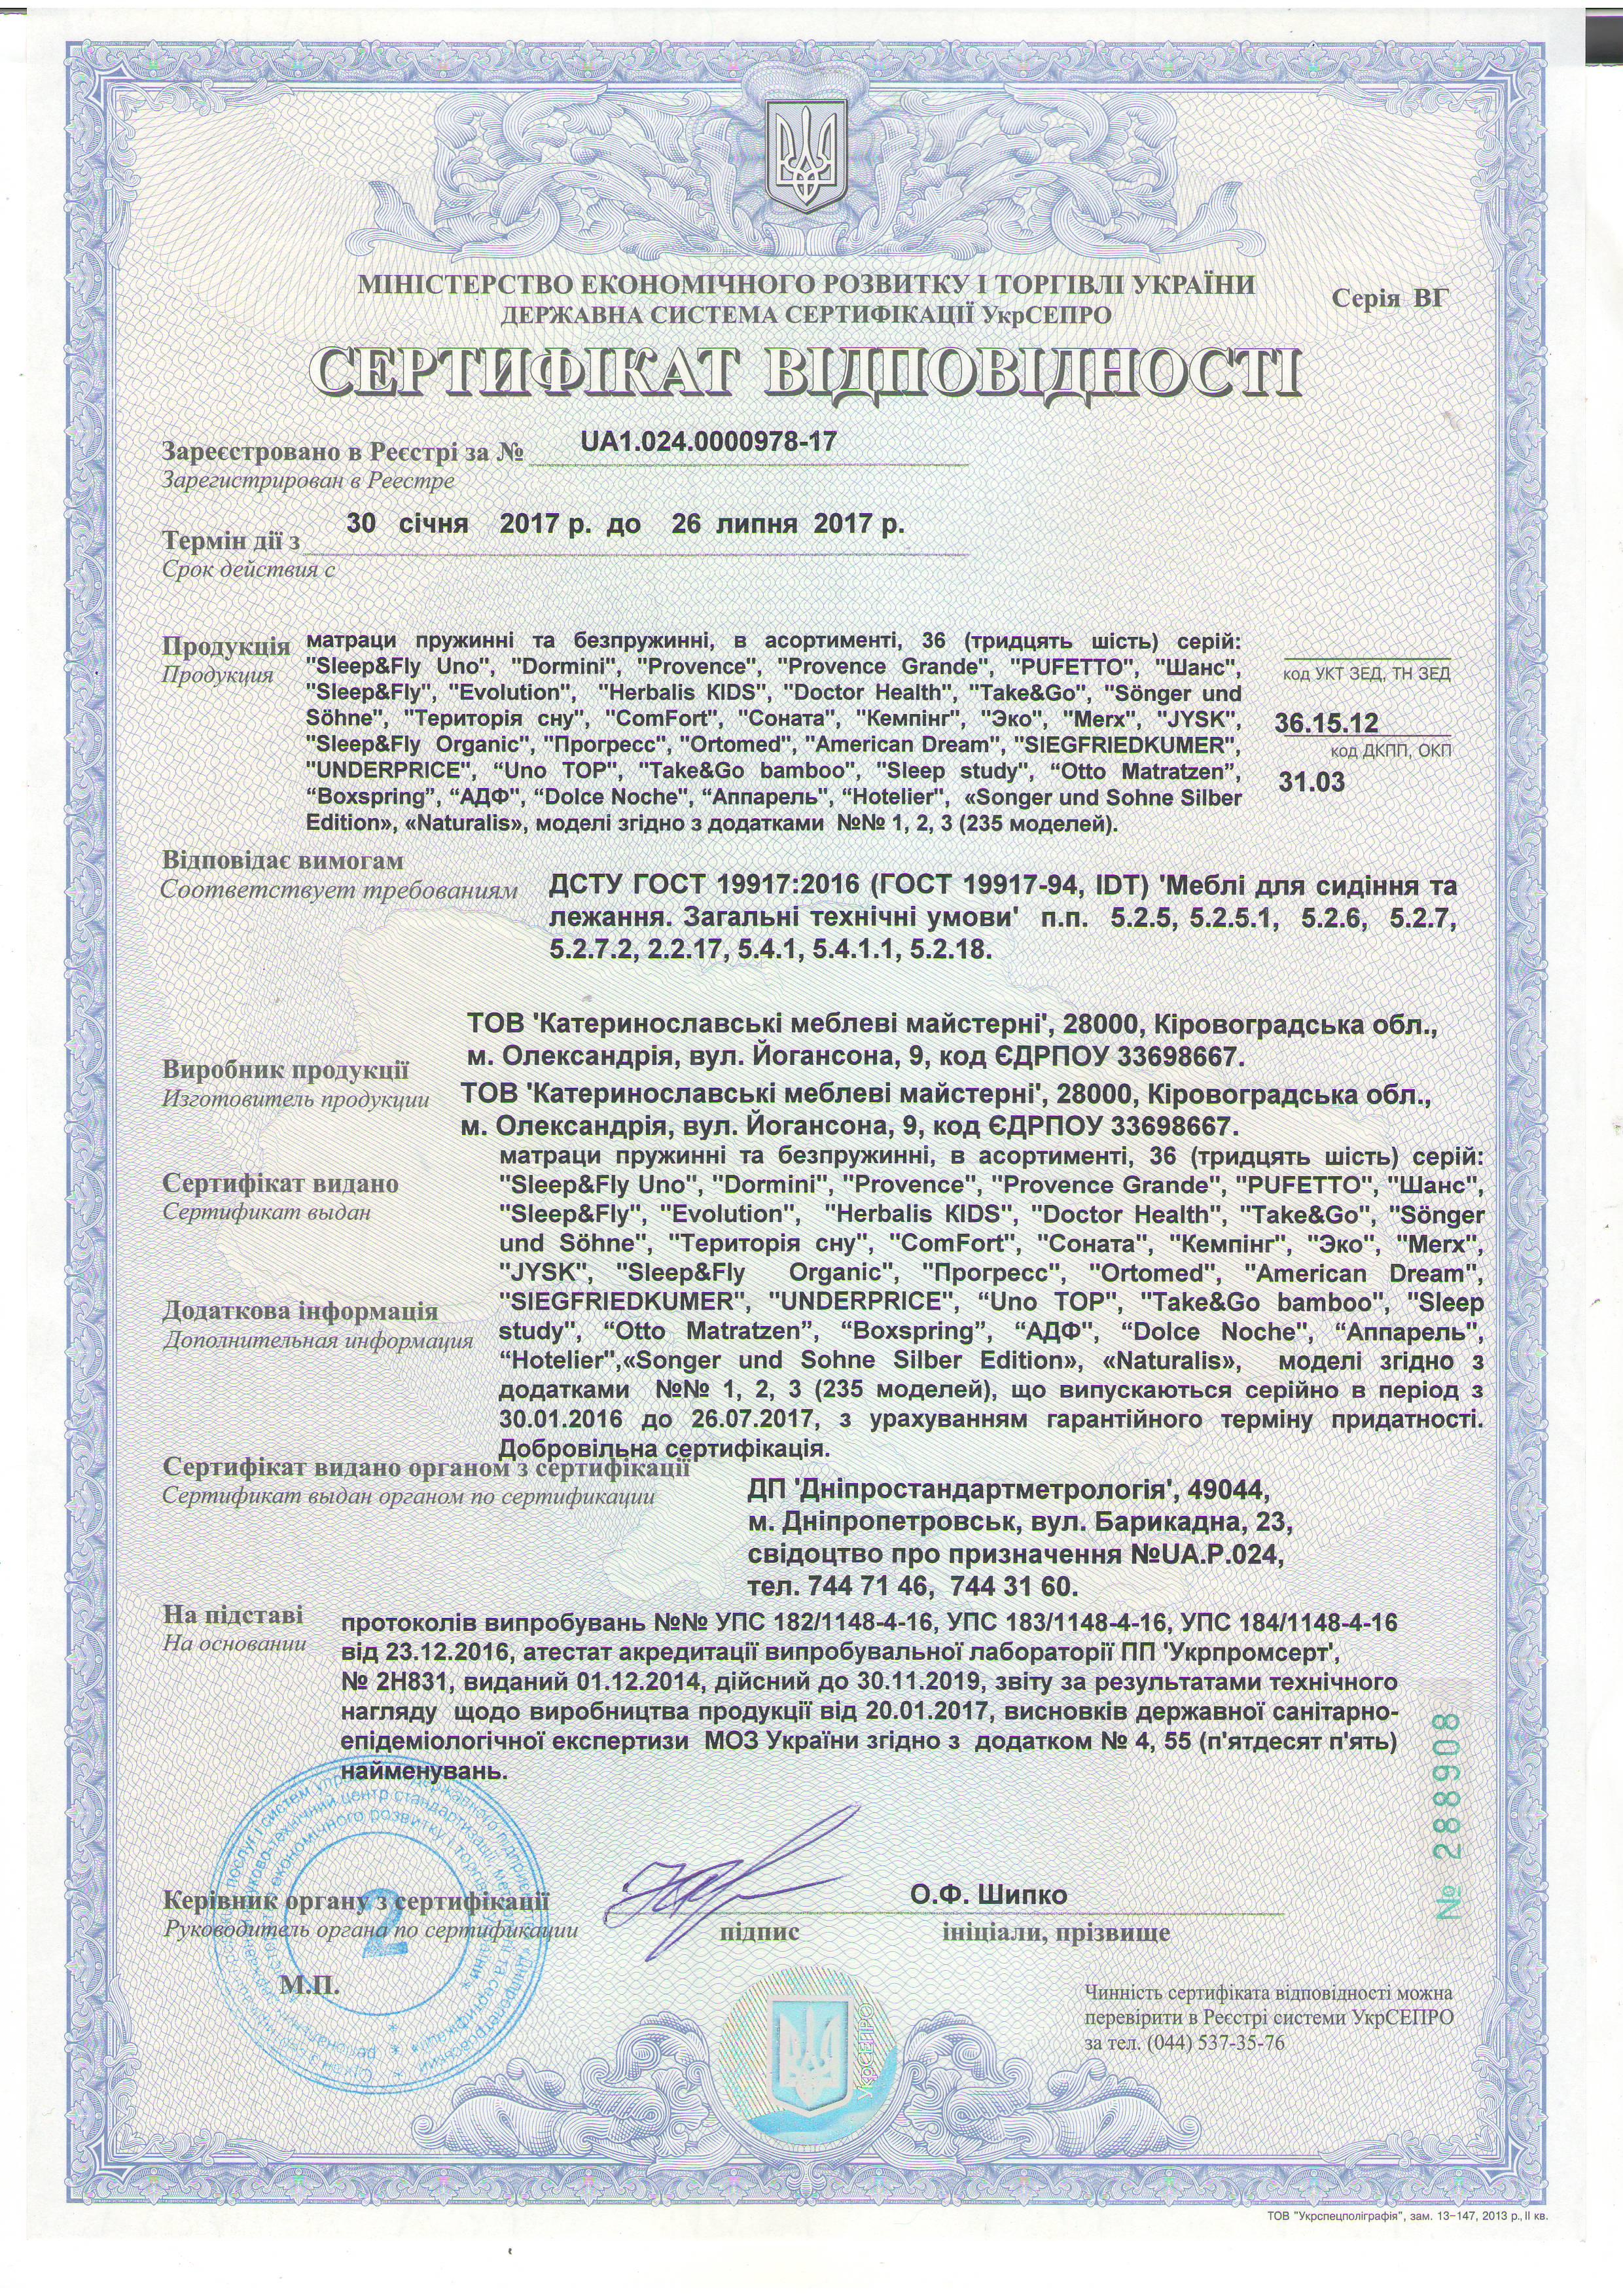 Сертификат соответствия качества продукции ЕММ